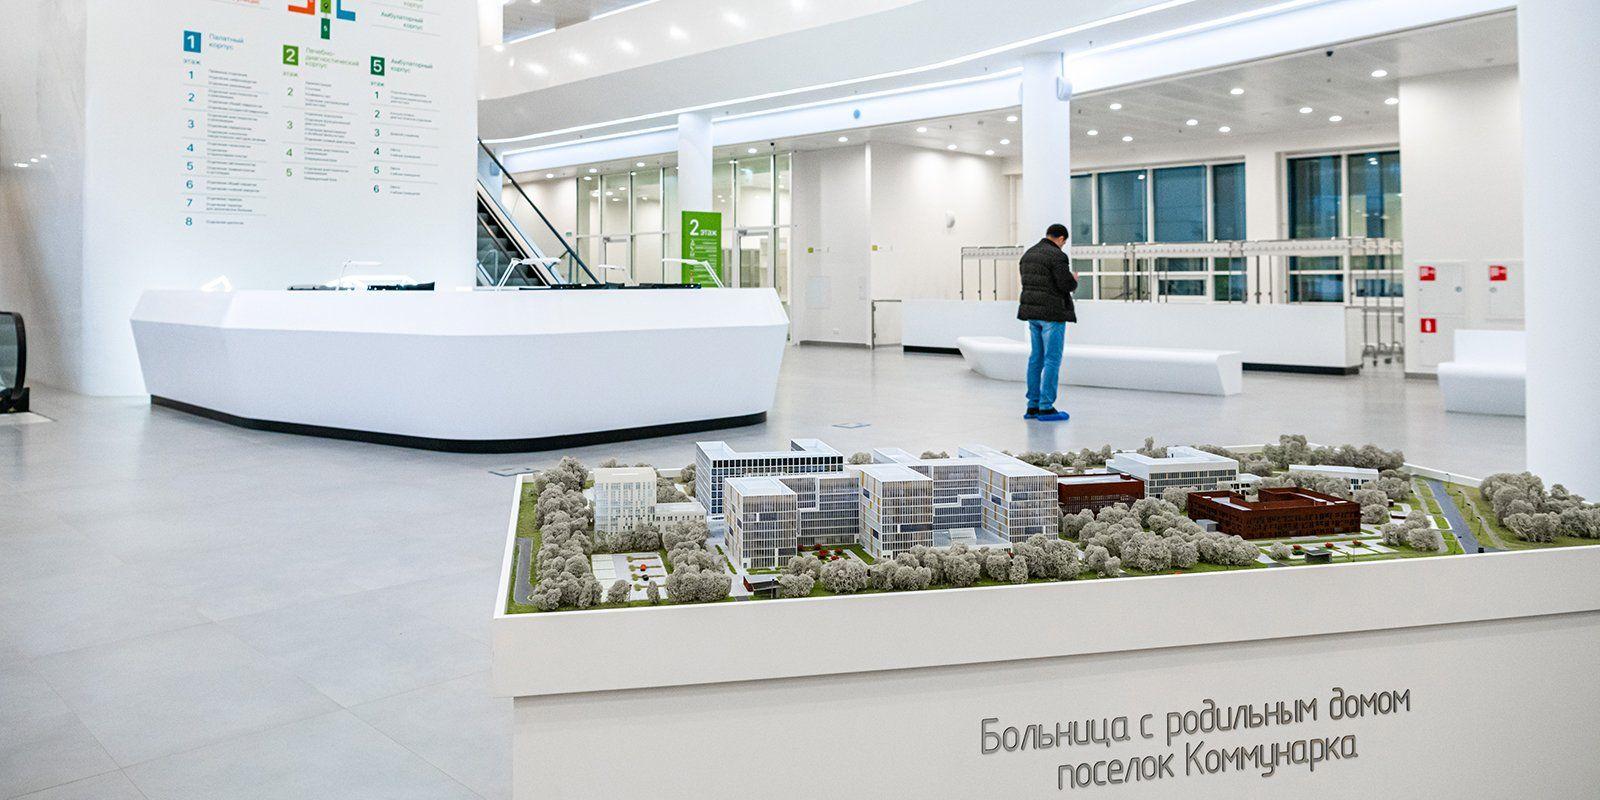 Все пациенты находятся под чутким наблюдением специалистов. Фото: сайт мэра Москвы